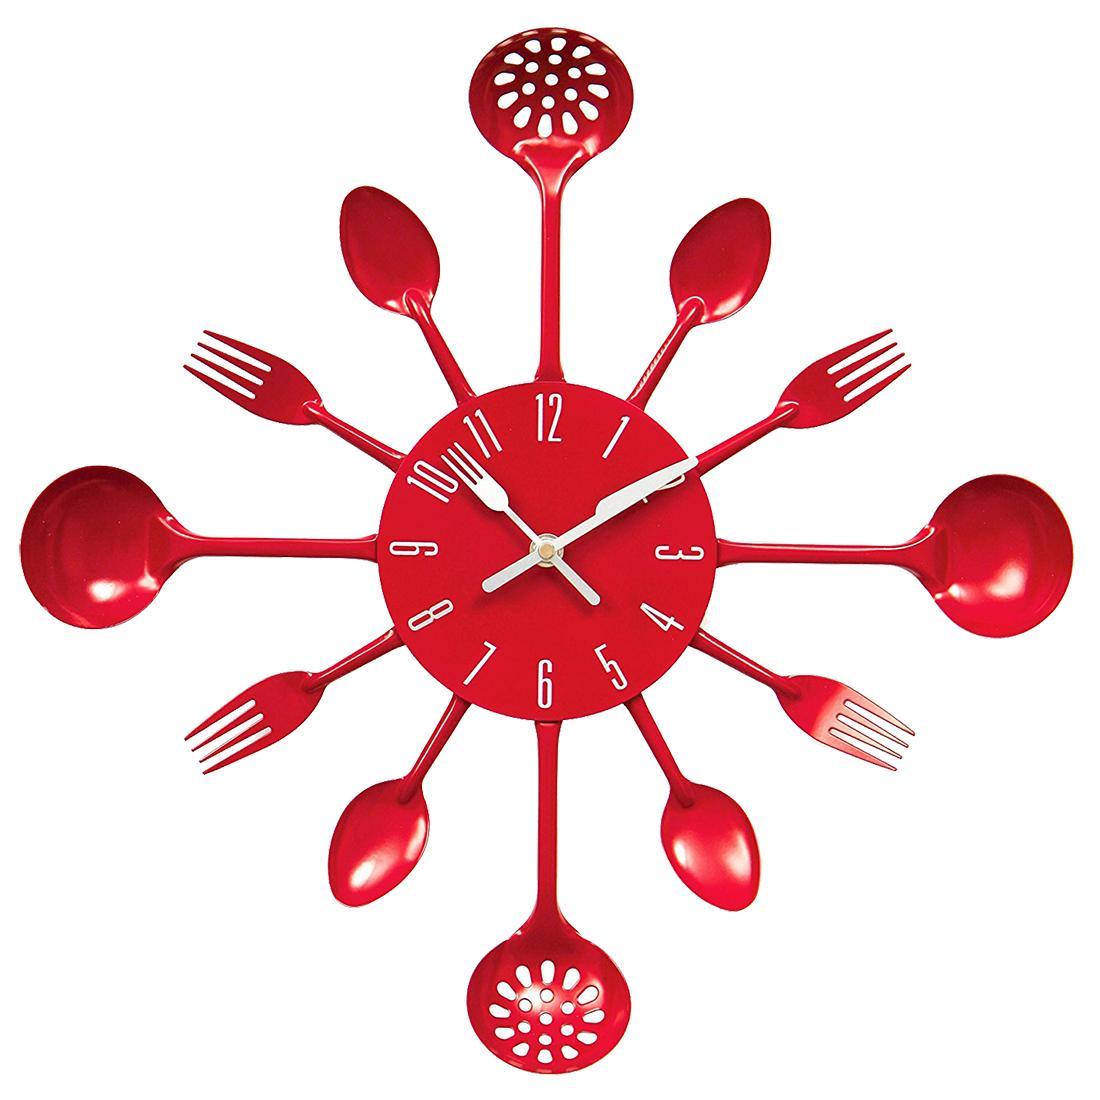 Couverts cuisine en métal Horloge murale fourchette cuillère Creative quartz murale Horloges design moderne décoratif 9 couleurs Horloge murale